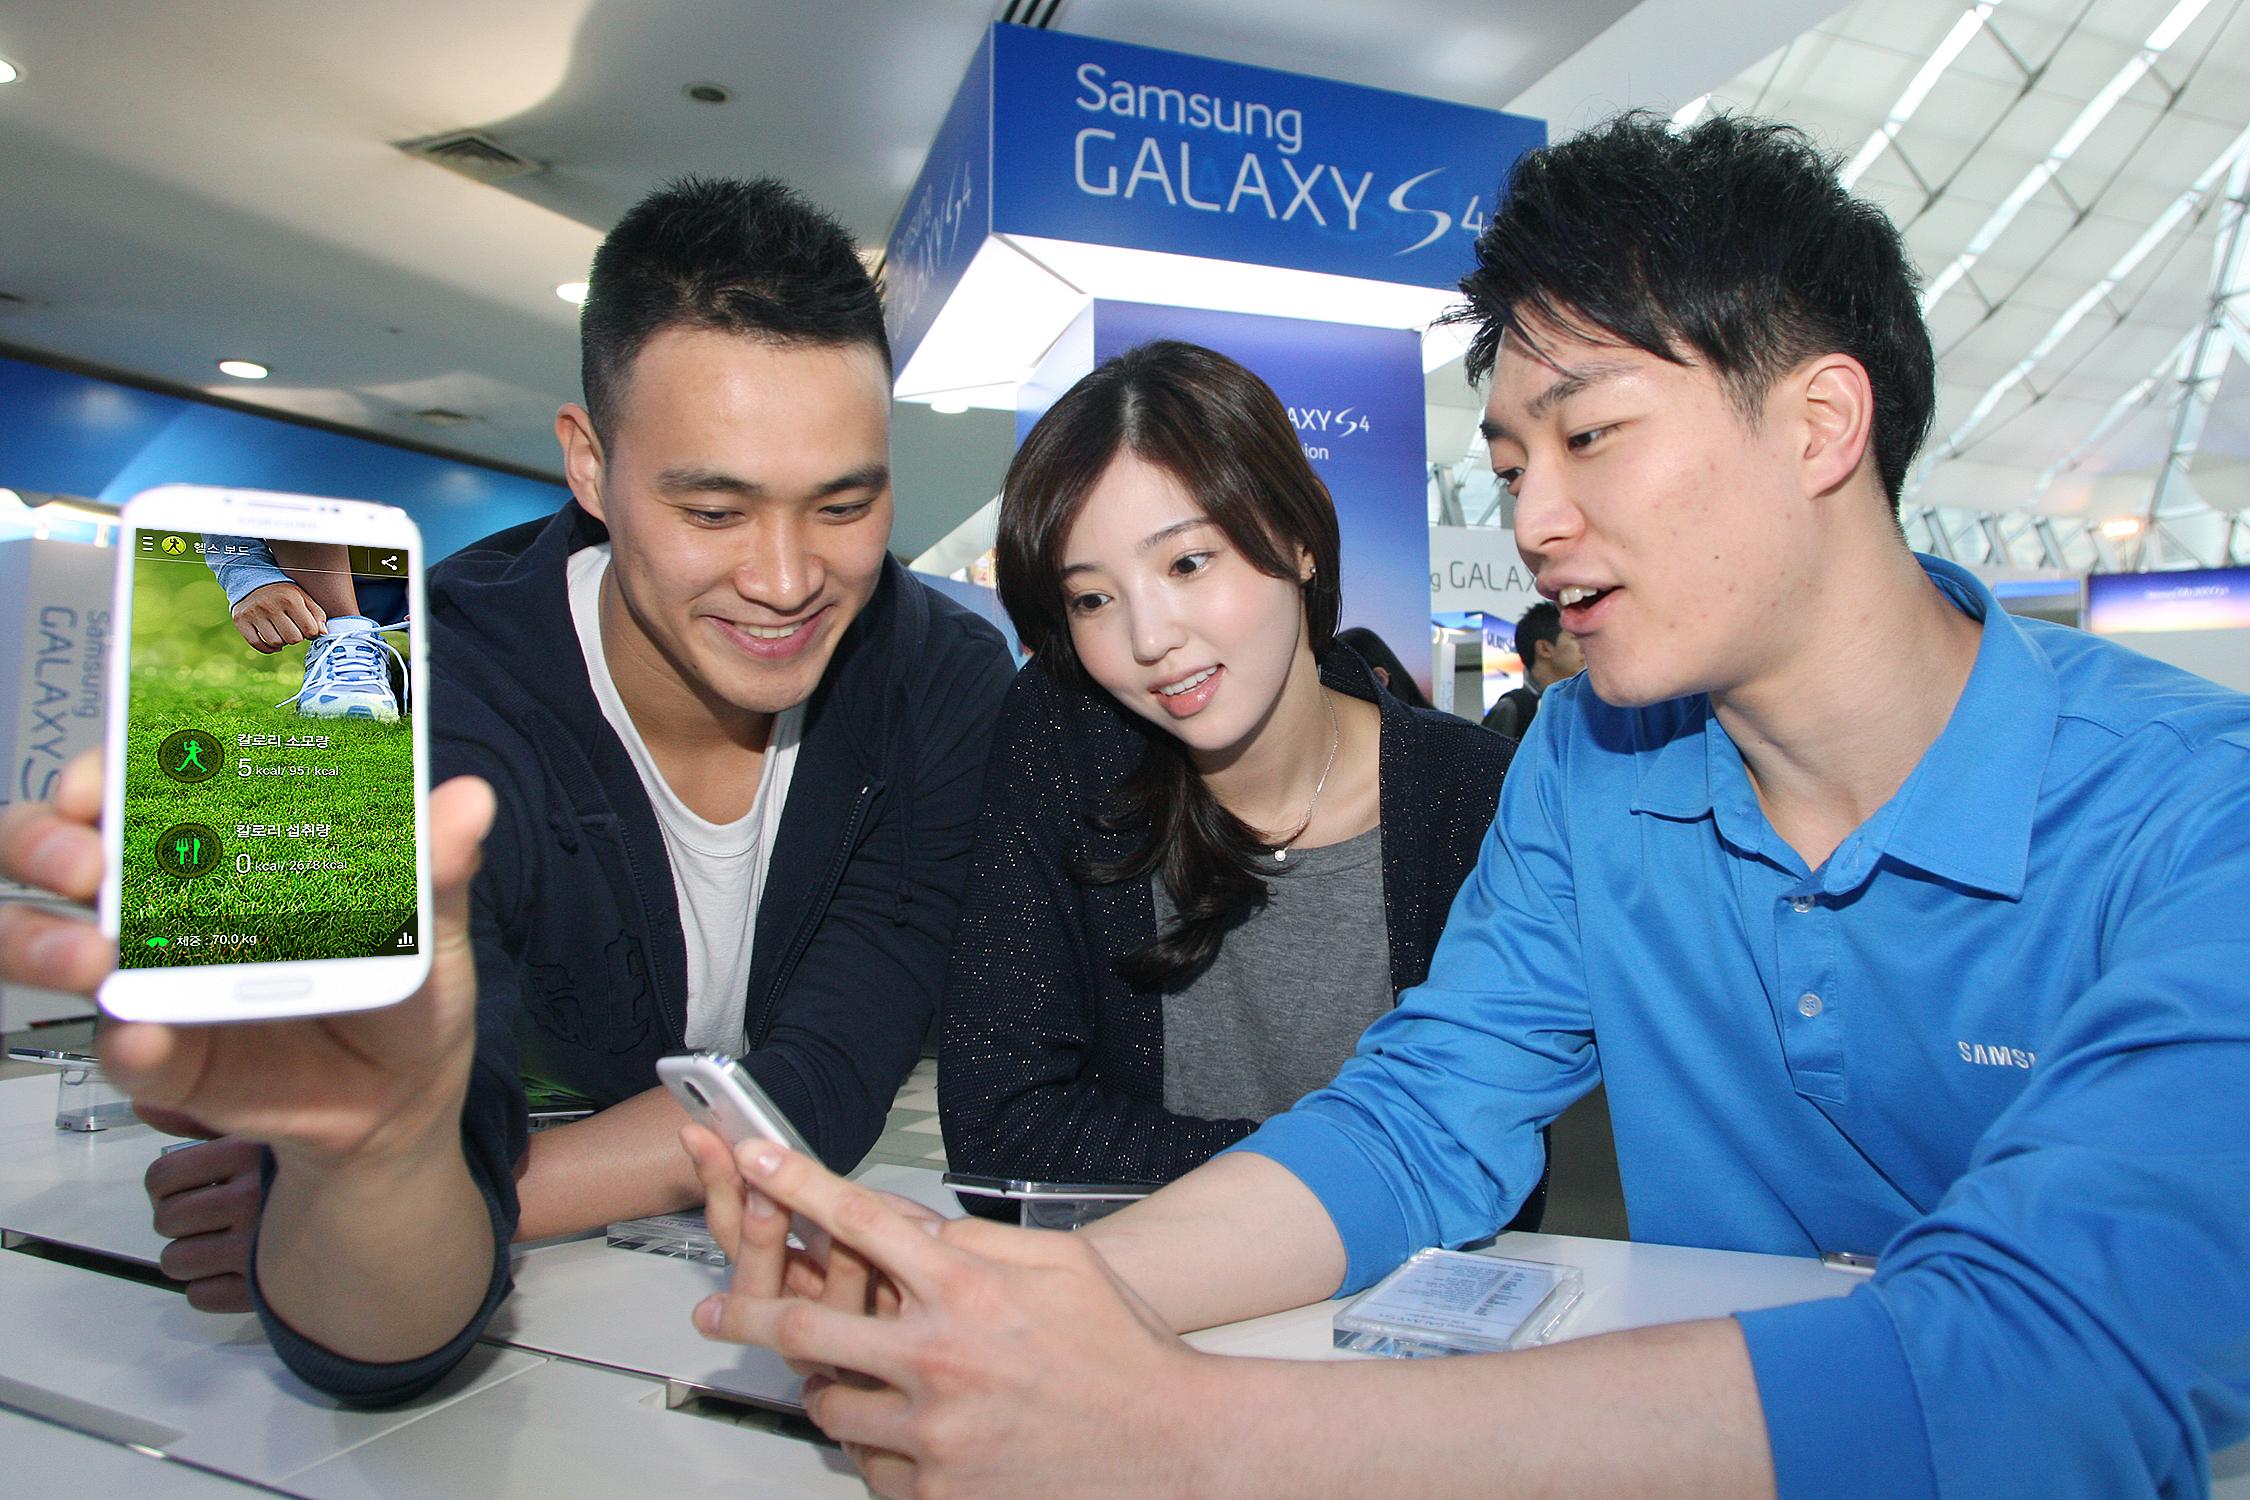 갤럭시S4 소비자 체험마케팅